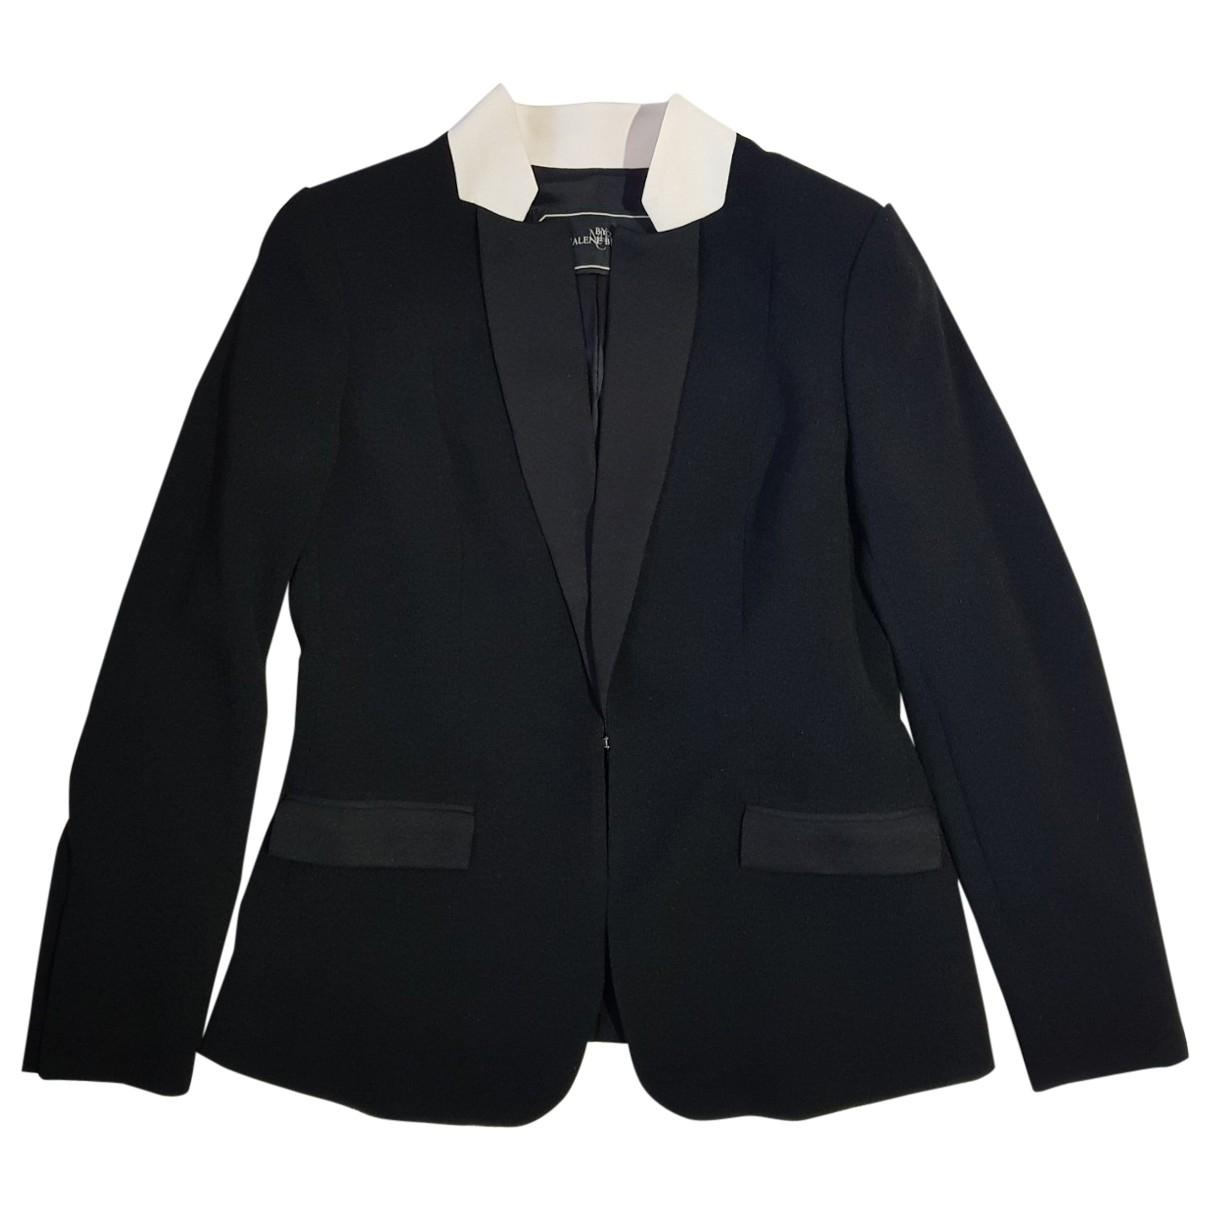 By Malene Birger \N Black jacket for Women M International